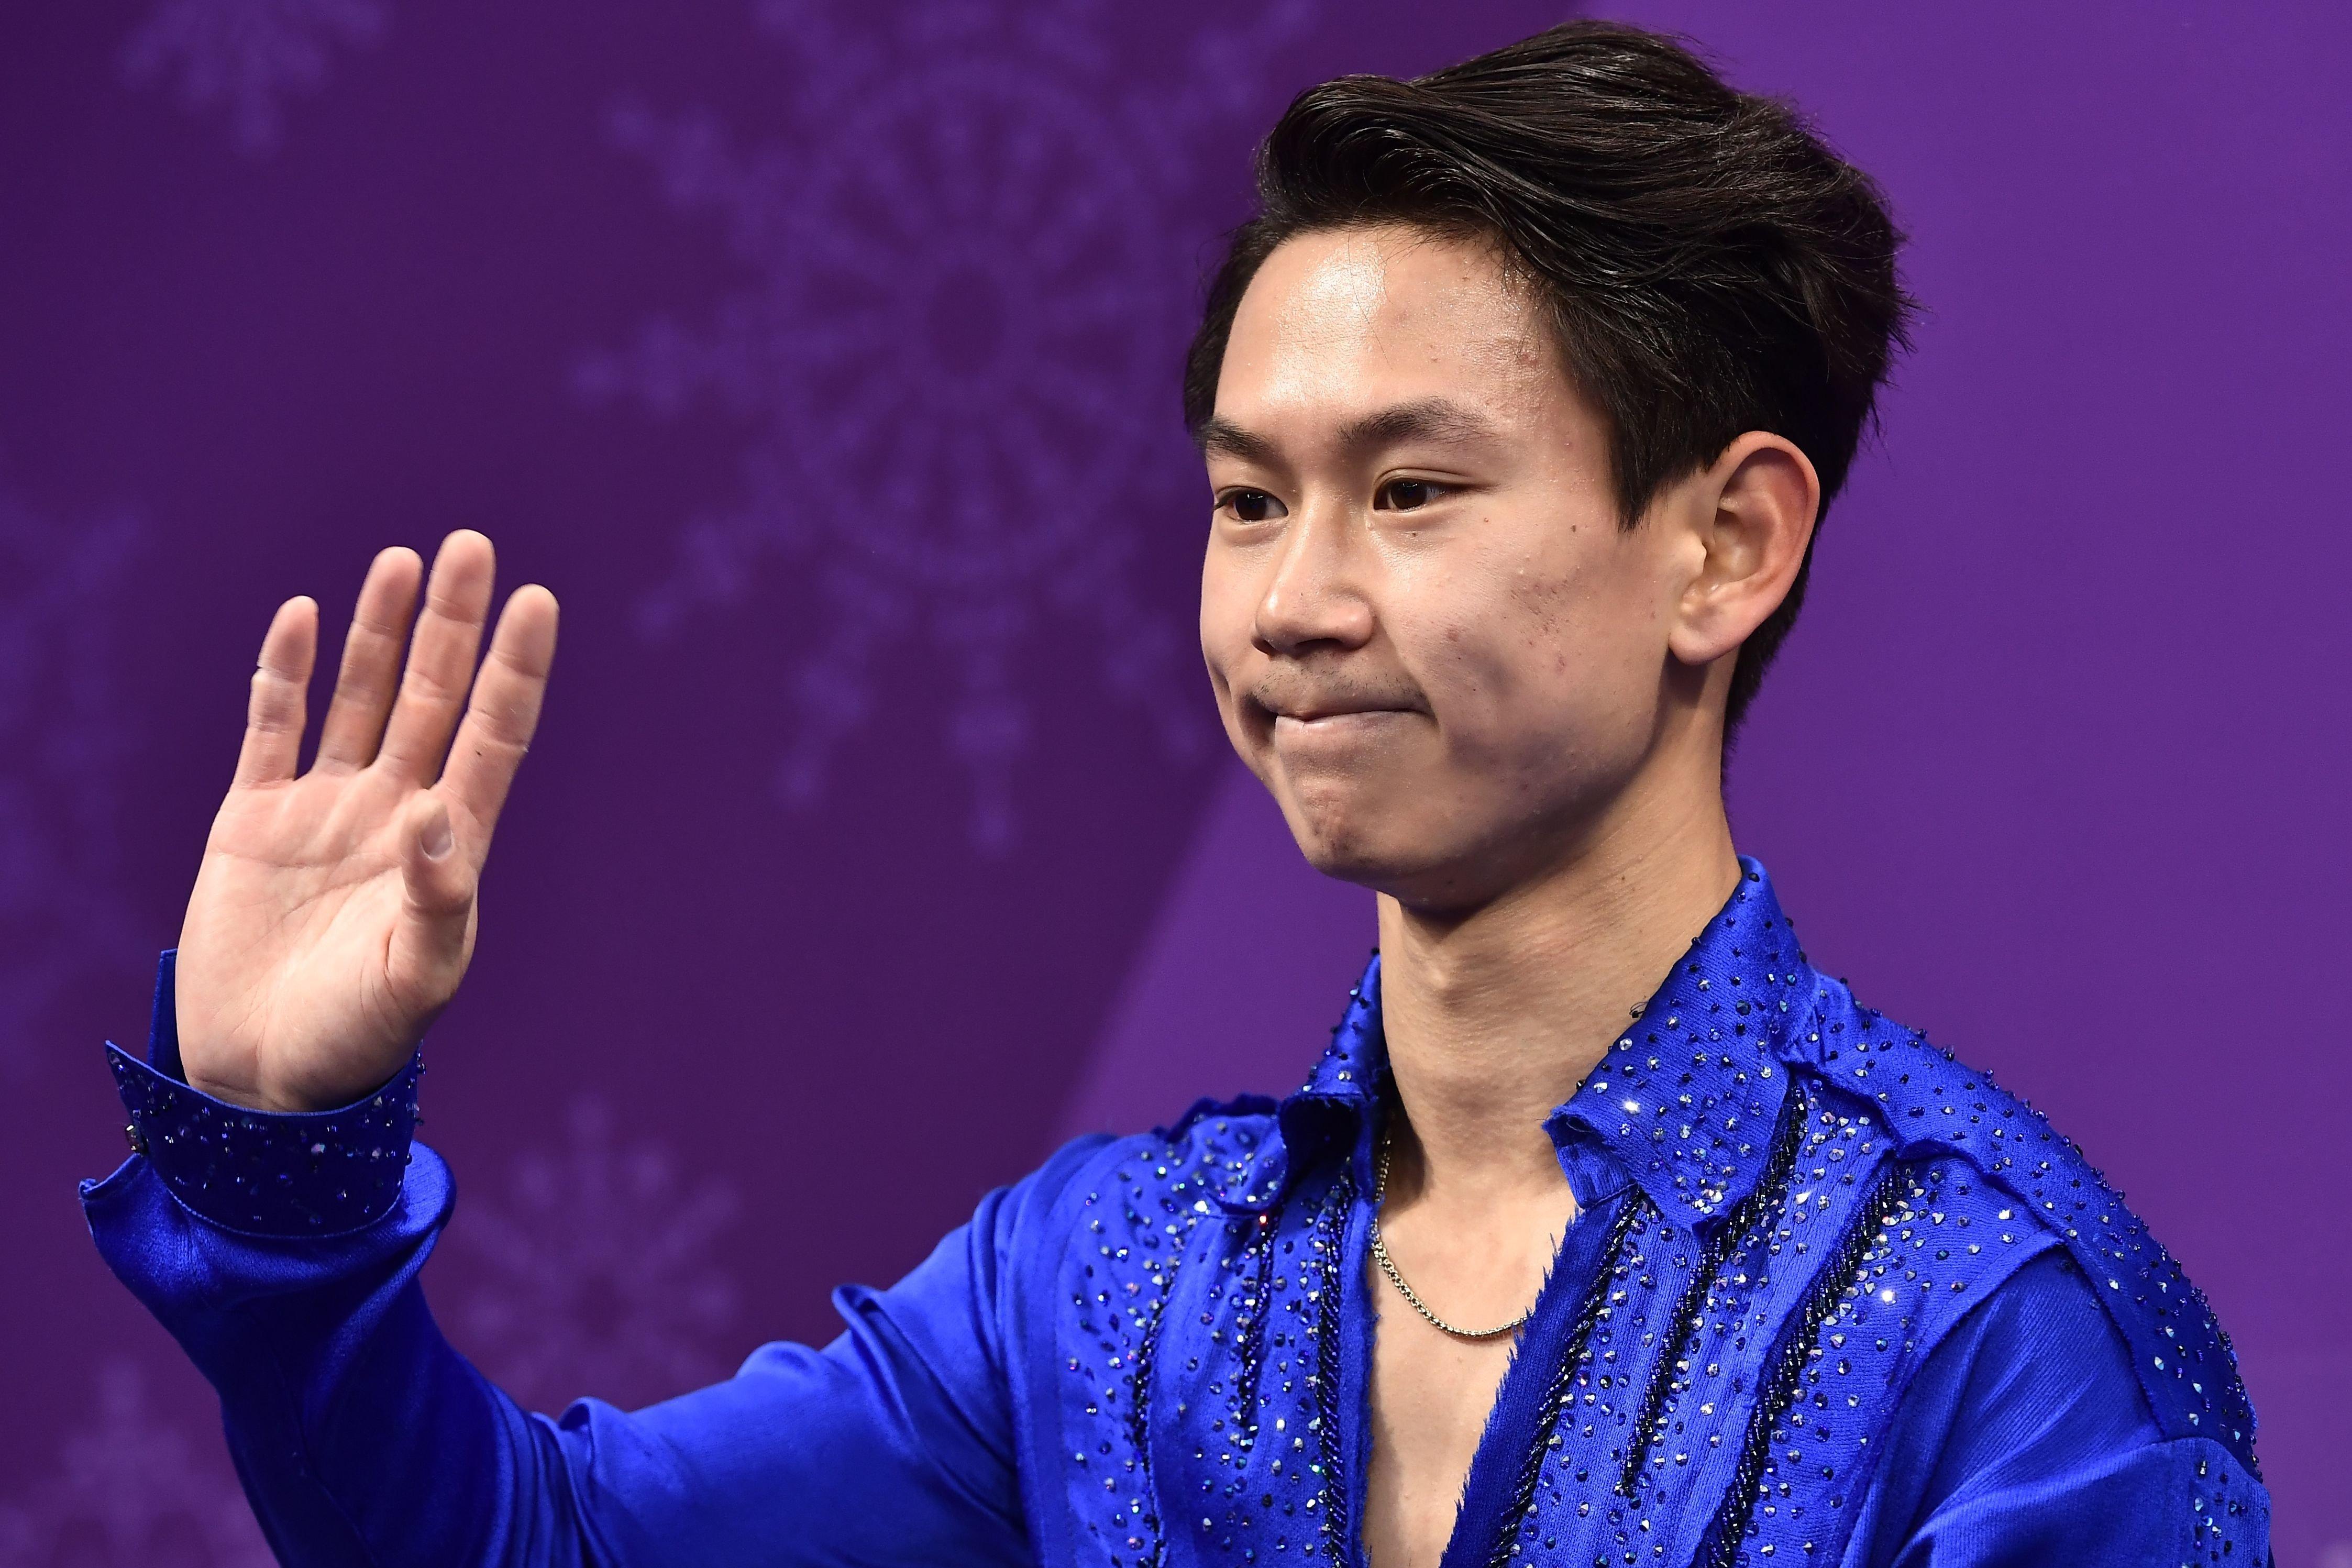 카자흐스탄 피겨 선수 데니스 텐이 25살의 나이로